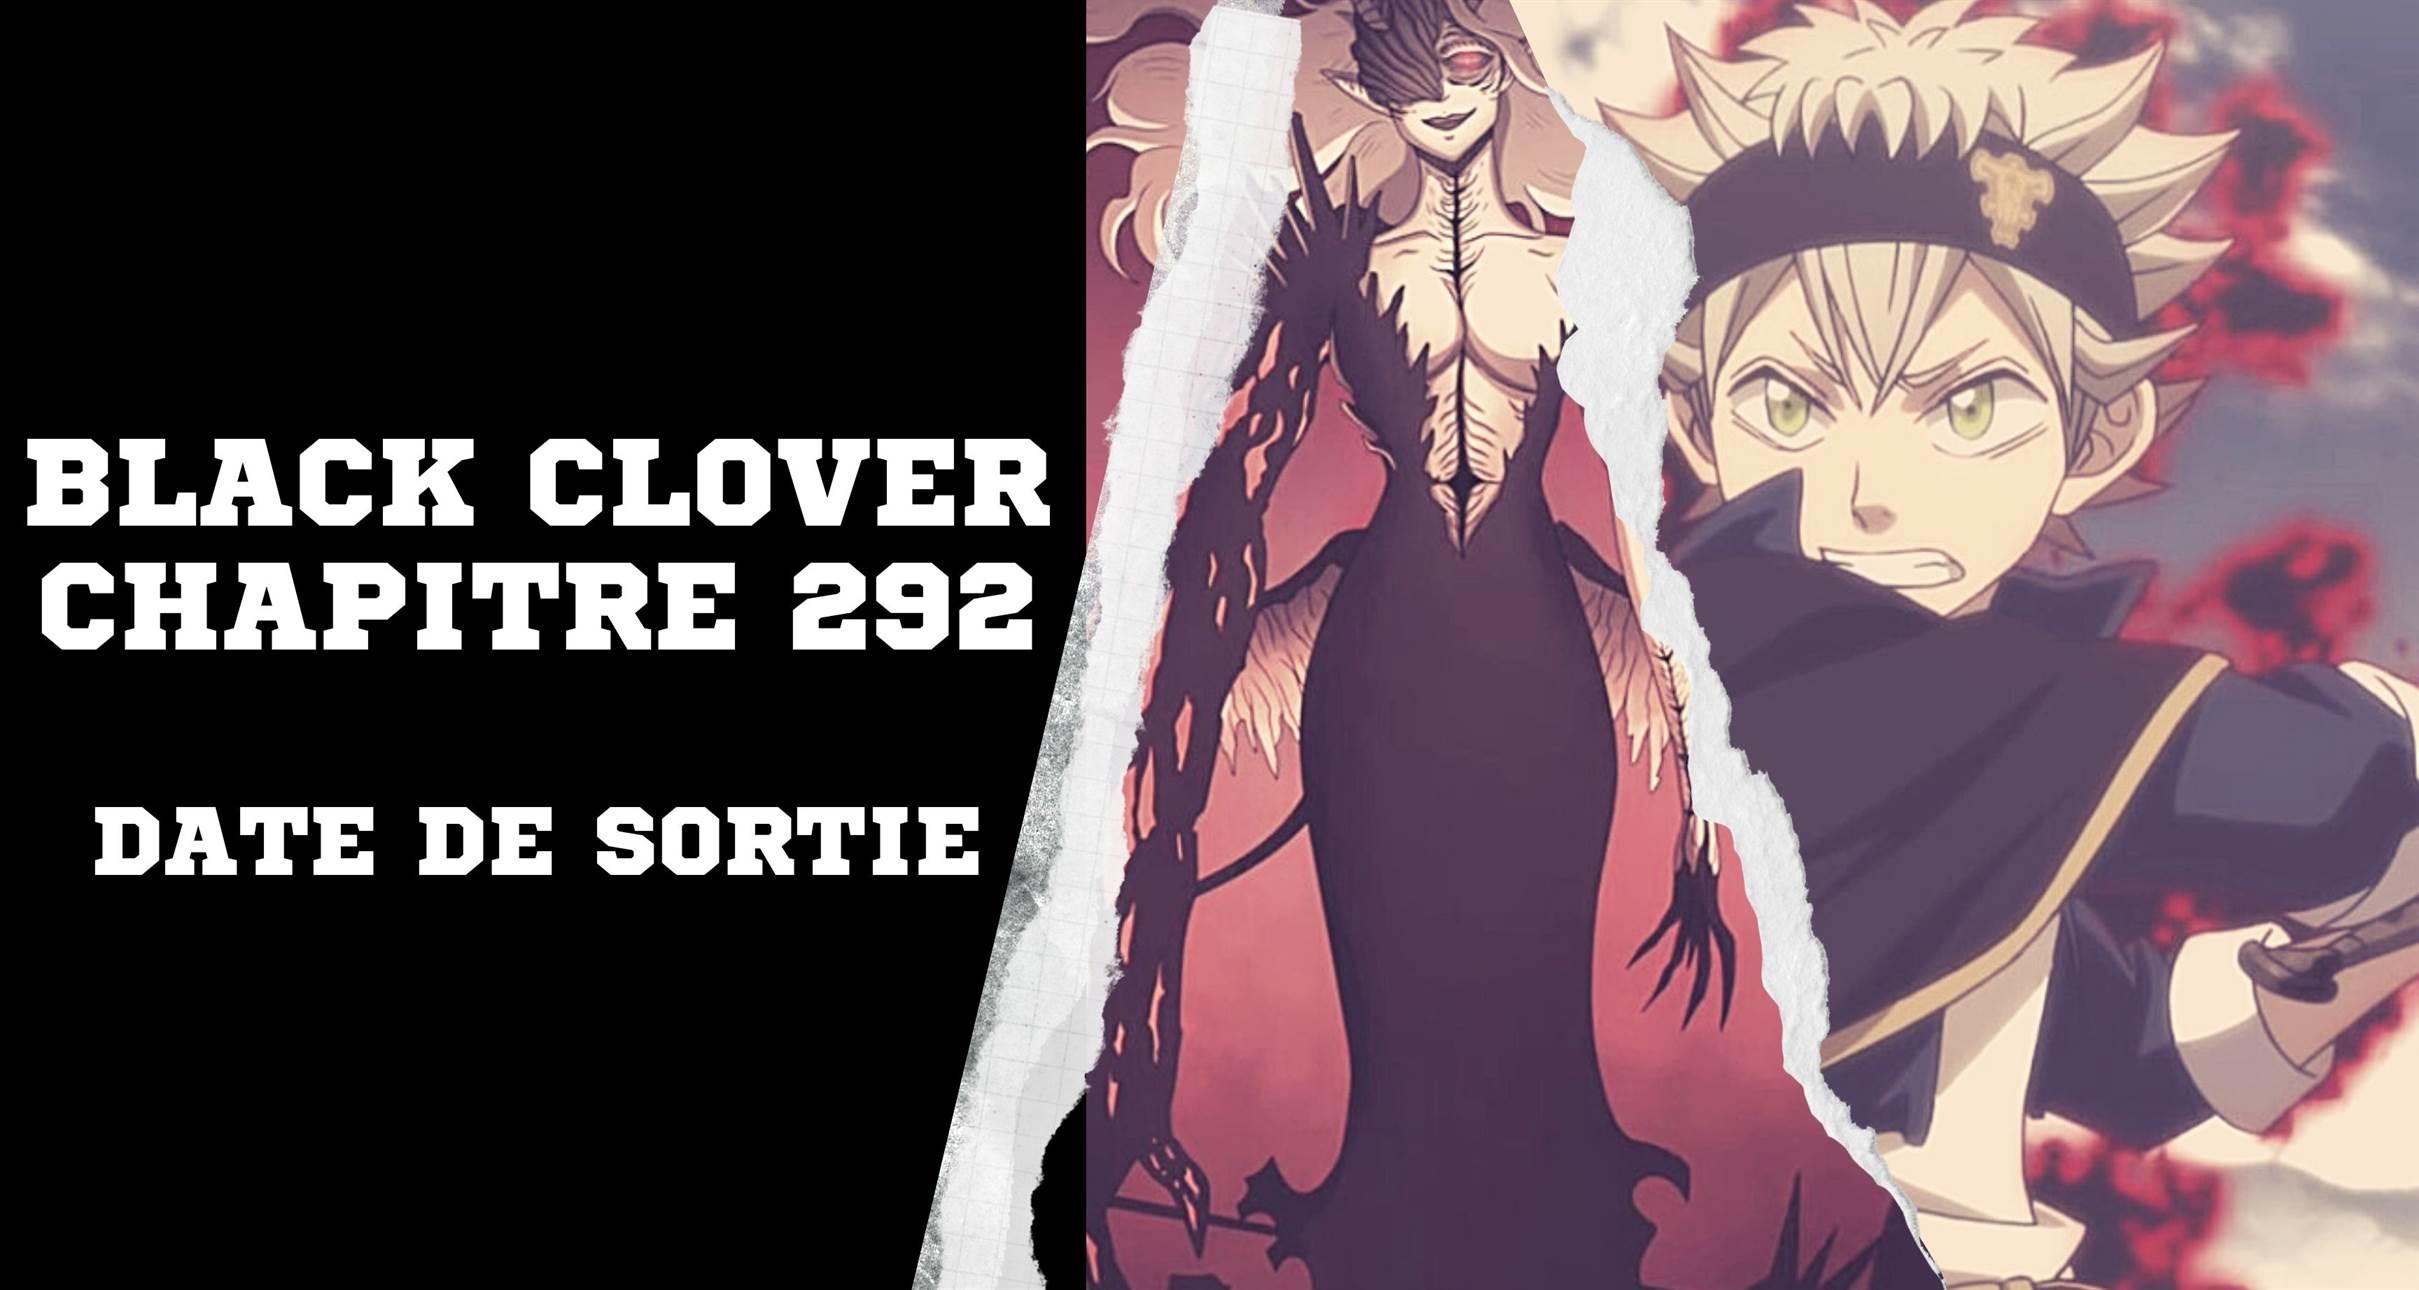 Black Clover Chapitre 292 date